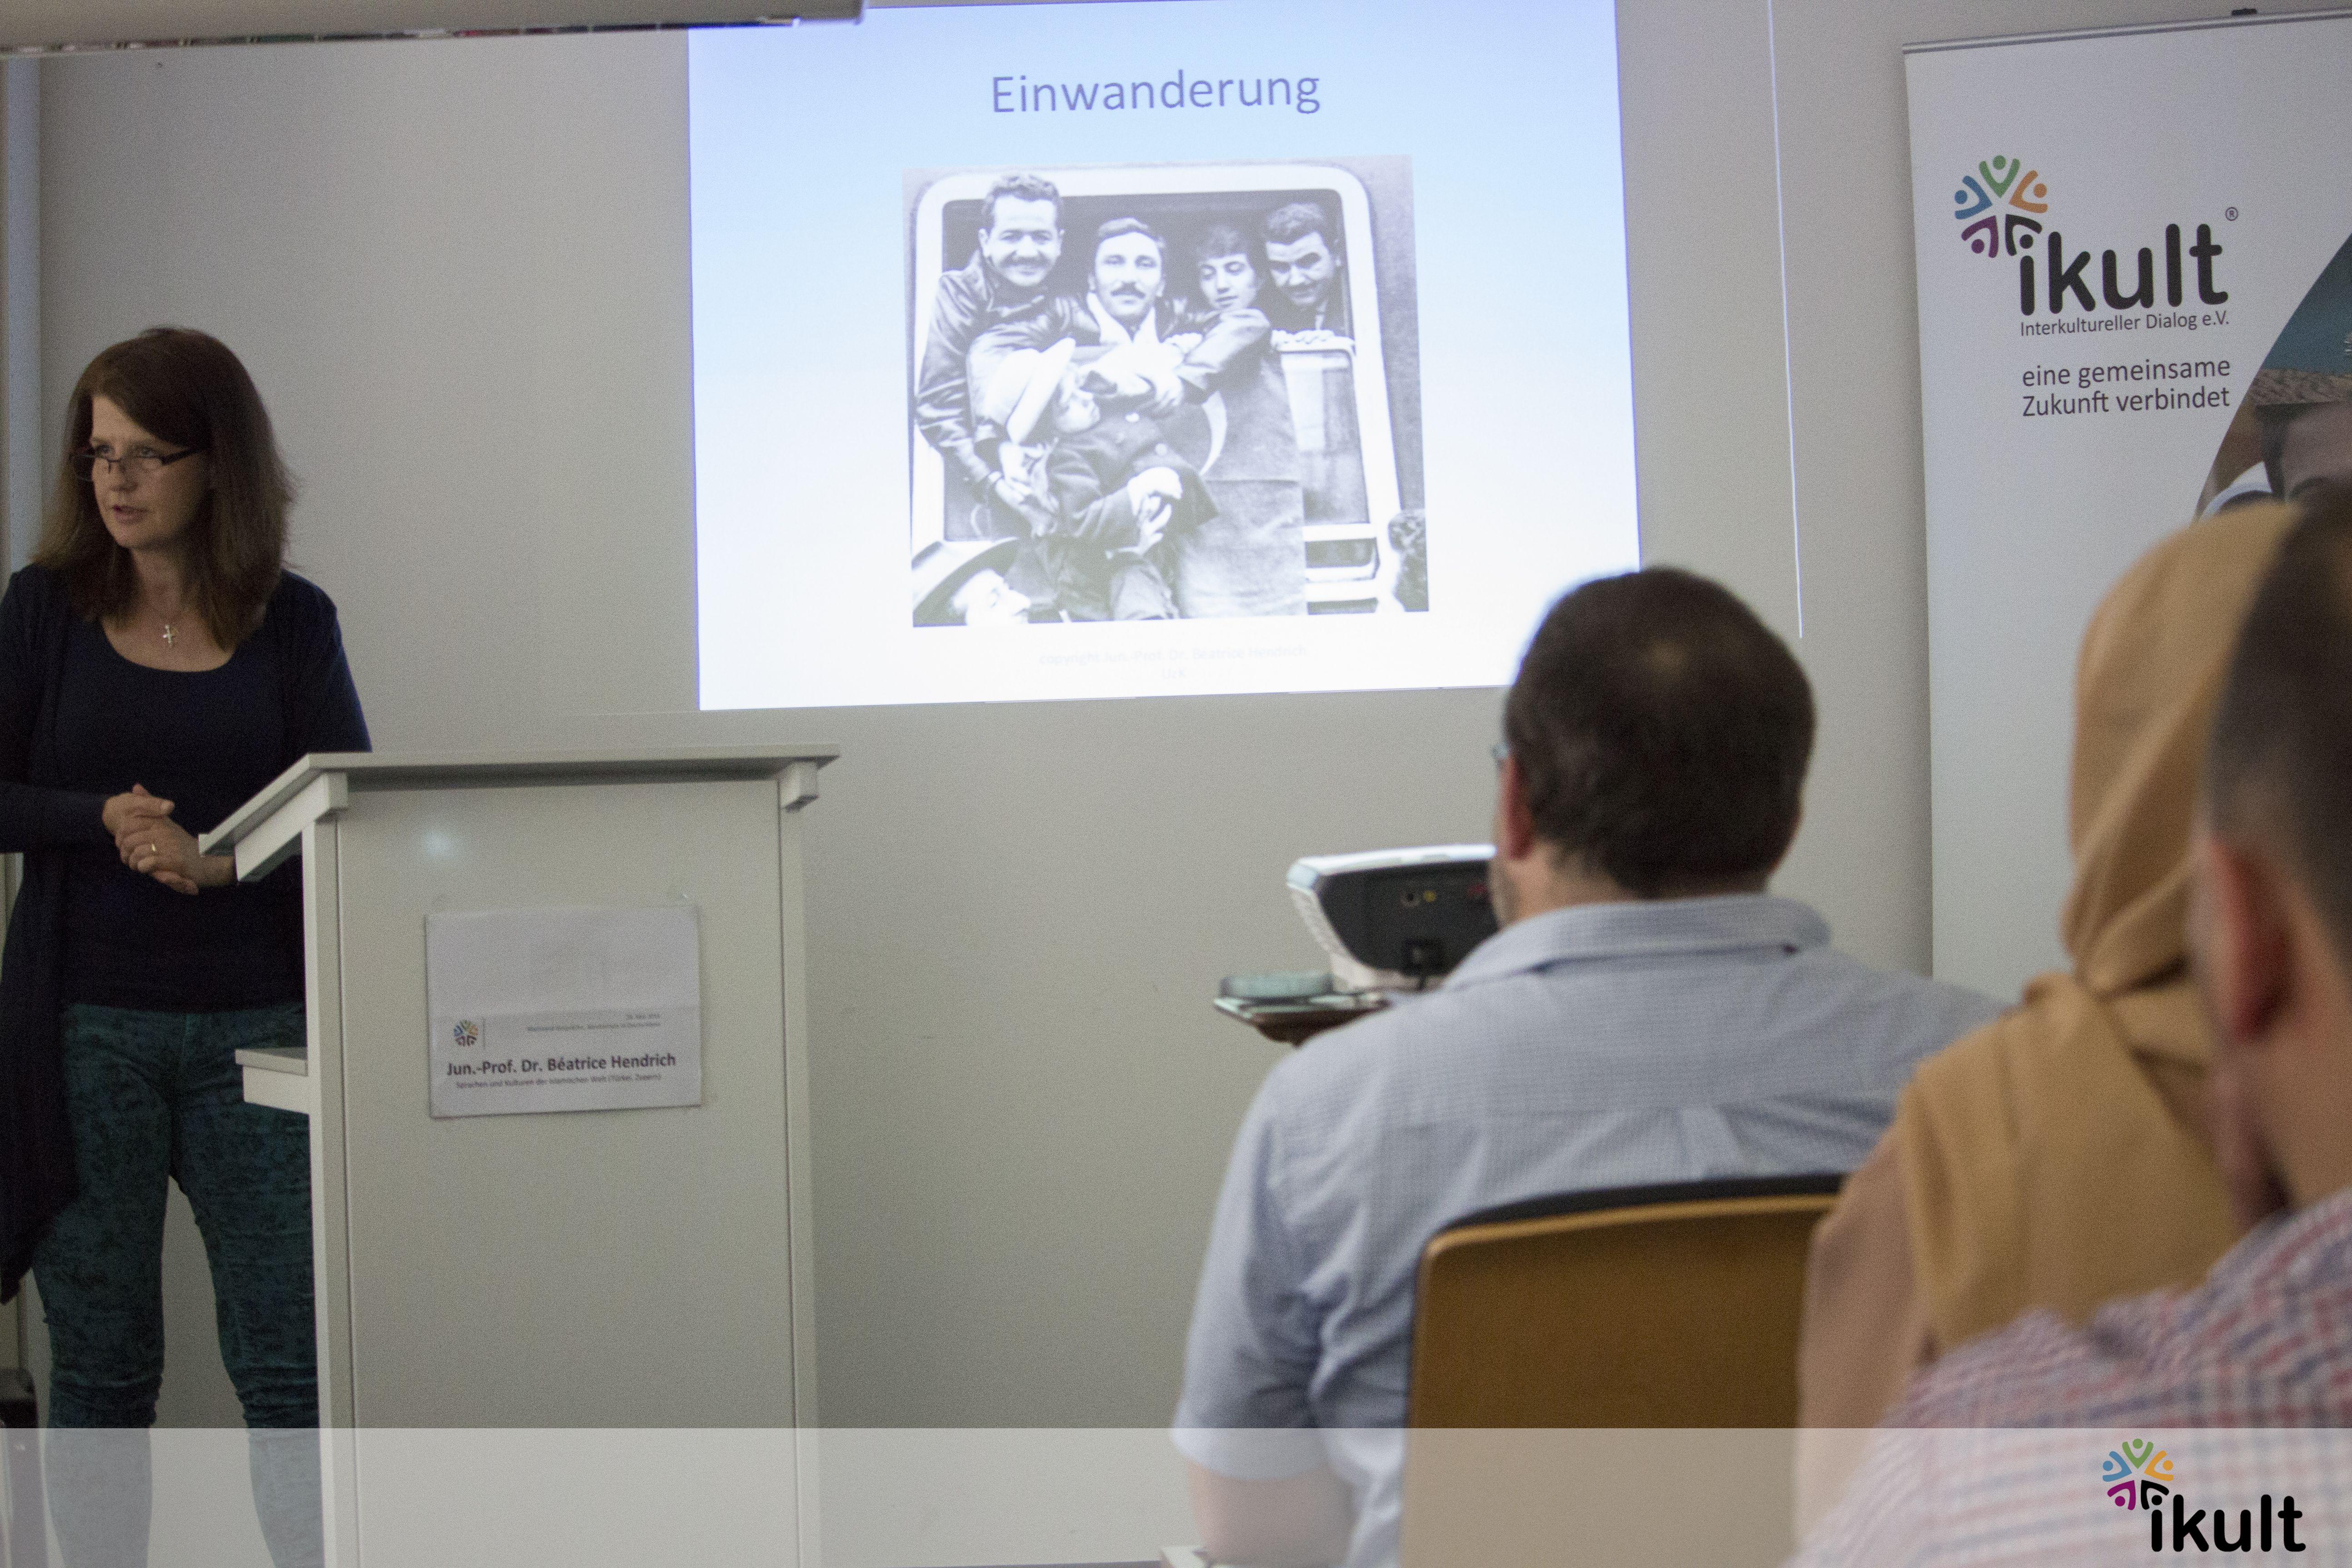 un.-Prof. Dr. Béatrice Hendrich